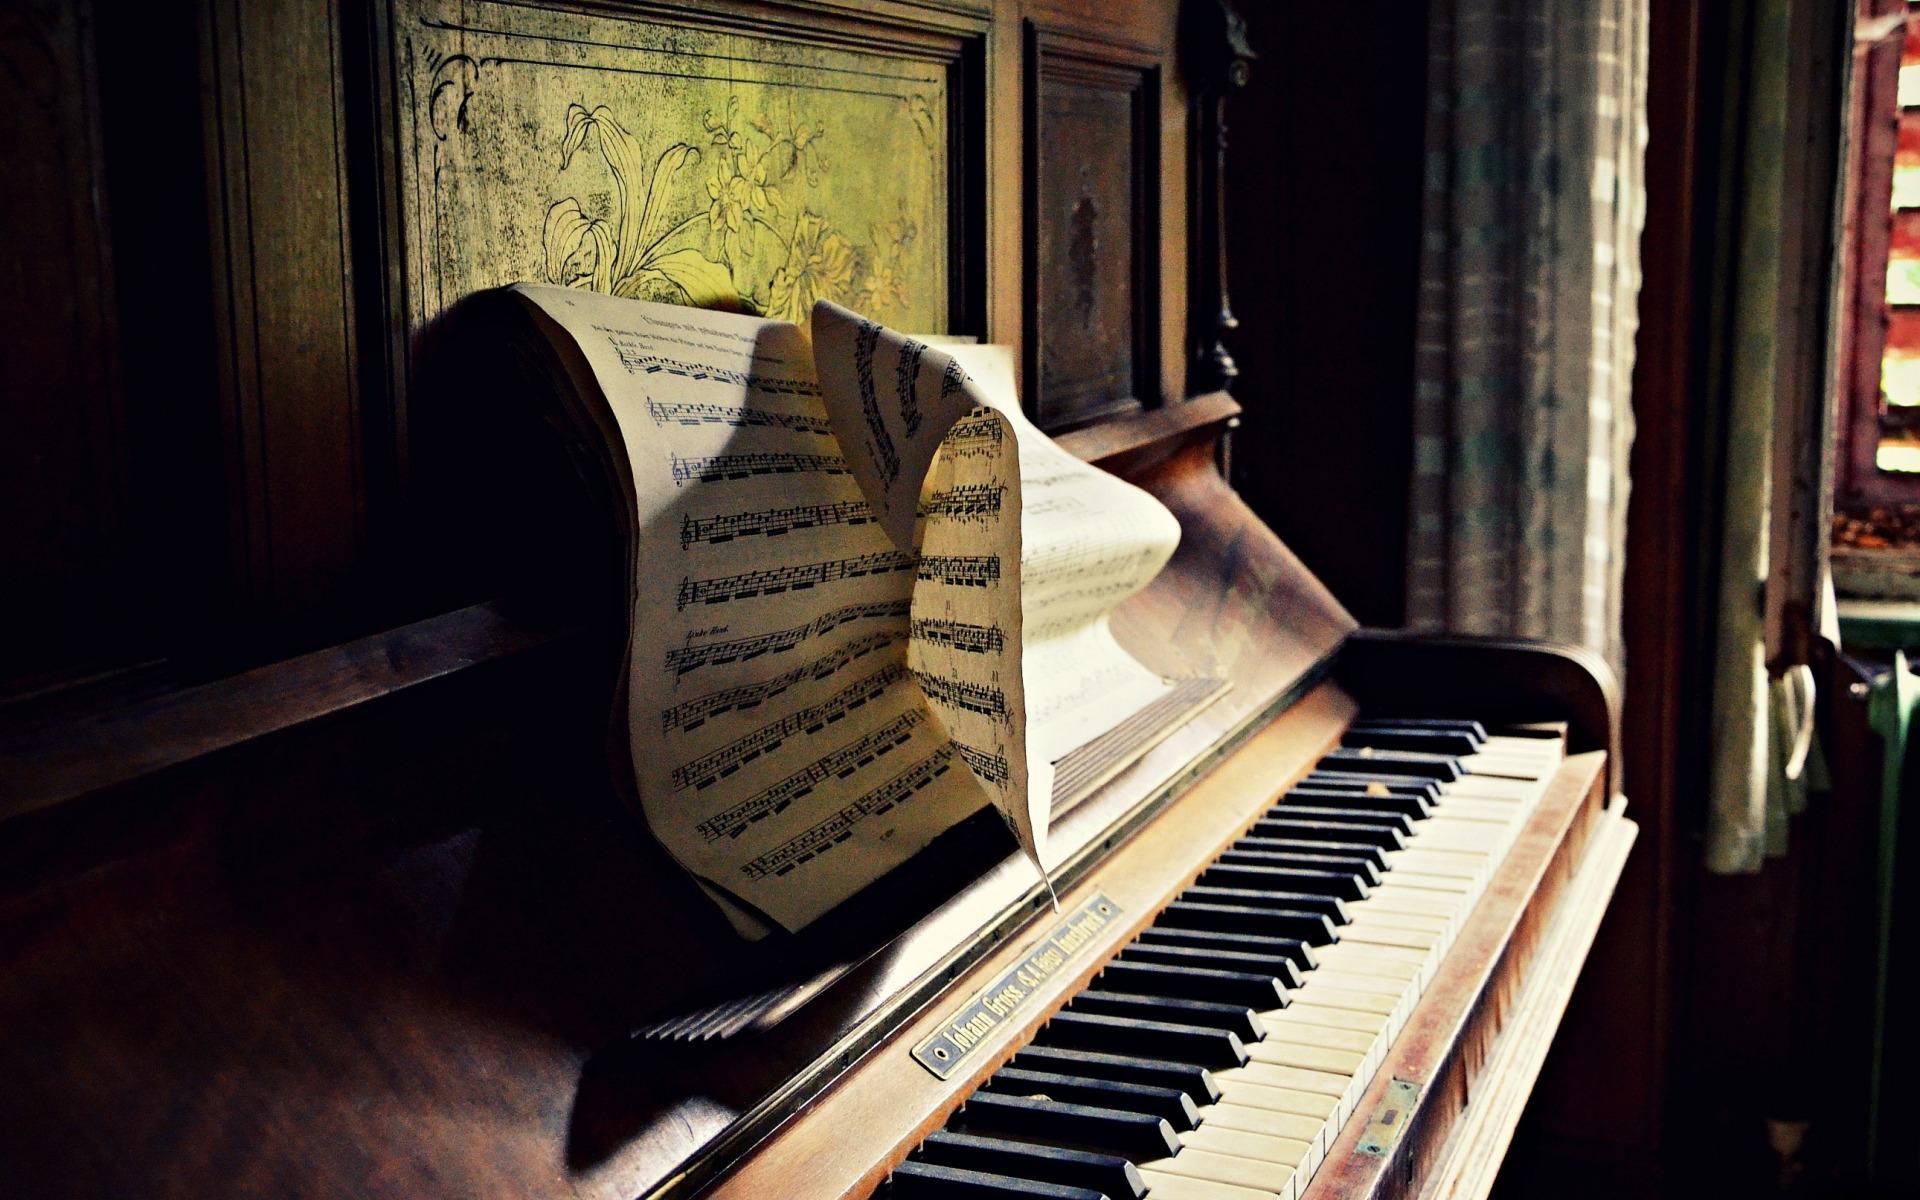 красивые картинки фортепиано ноты быть